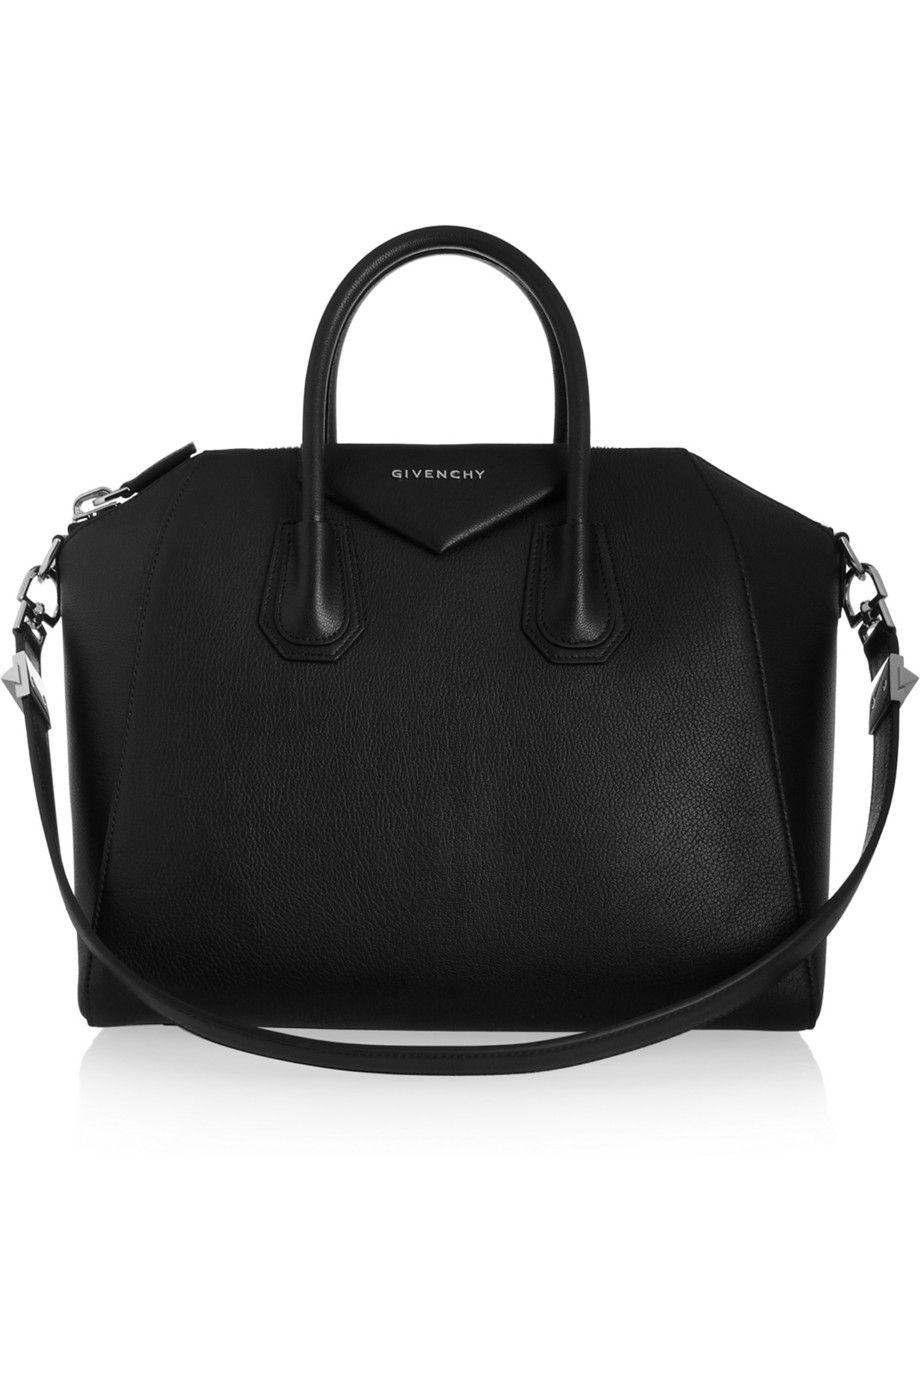 23da2de1b4d92 Givenchy - Antigona medium leather tote Mk Handbags